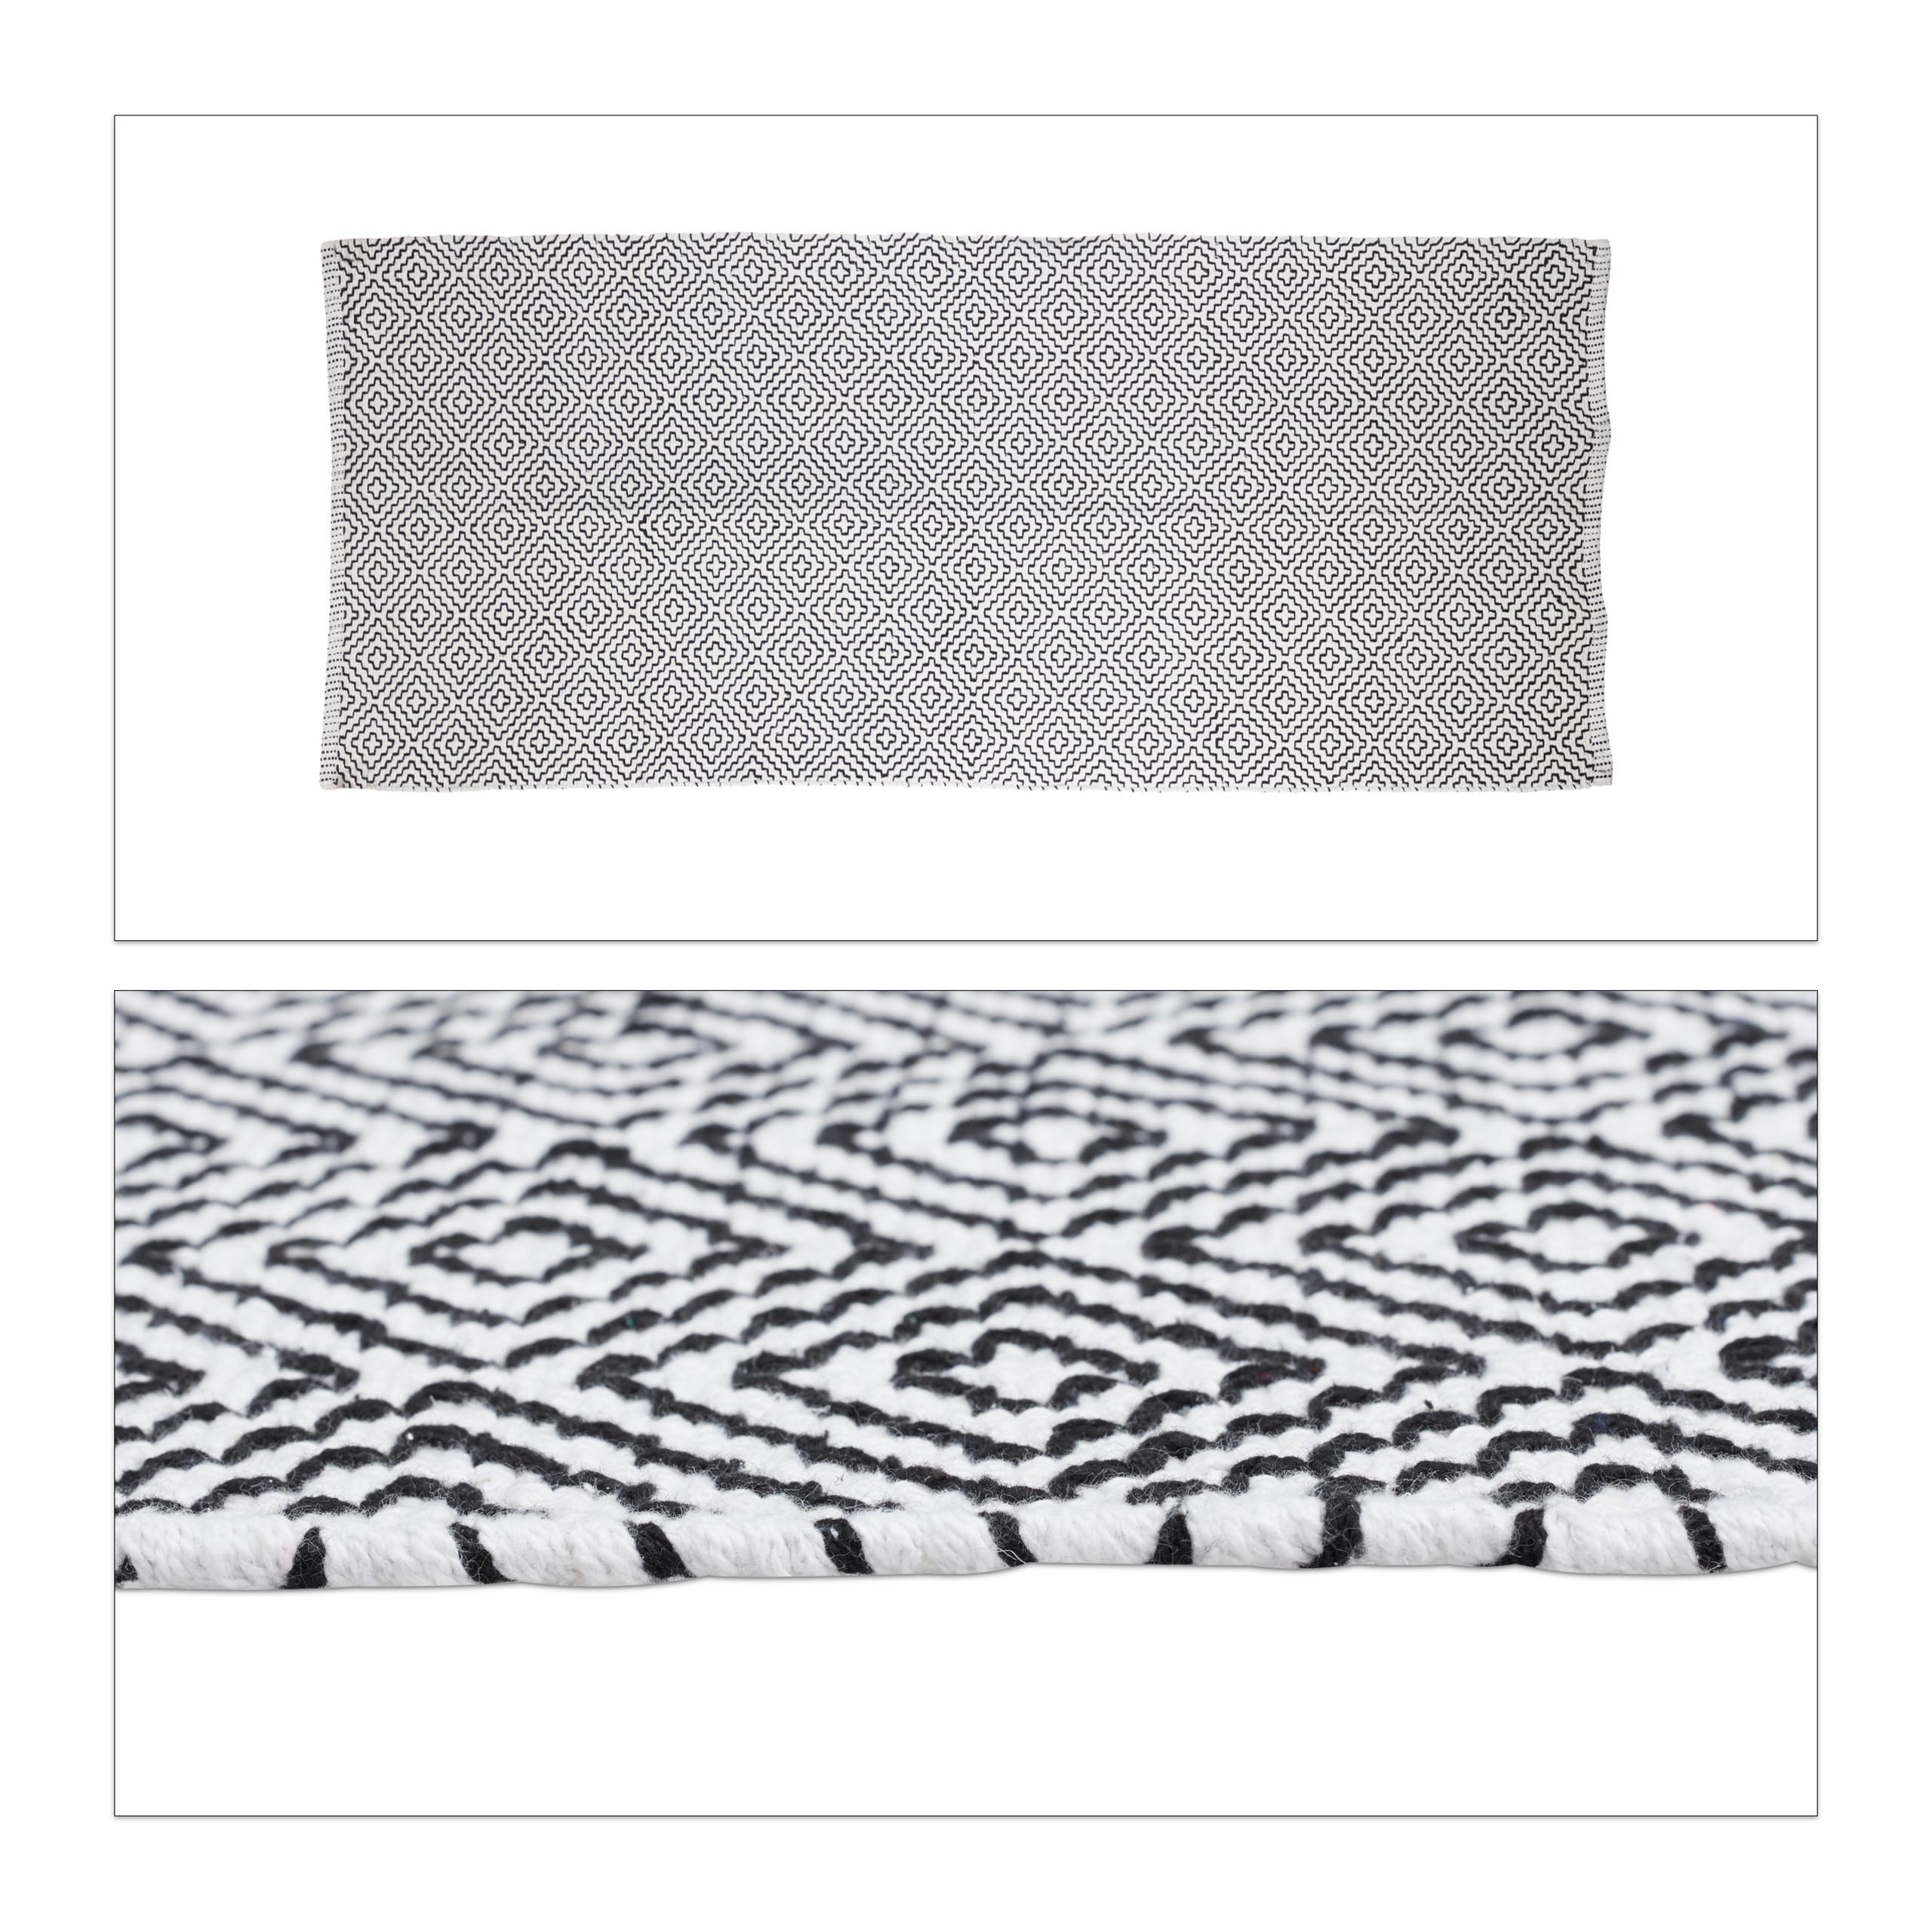 teppich l ufer baumwolle flurteppich schwarz wei wohnzimmerteppich rutschfest ebay. Black Bedroom Furniture Sets. Home Design Ideas